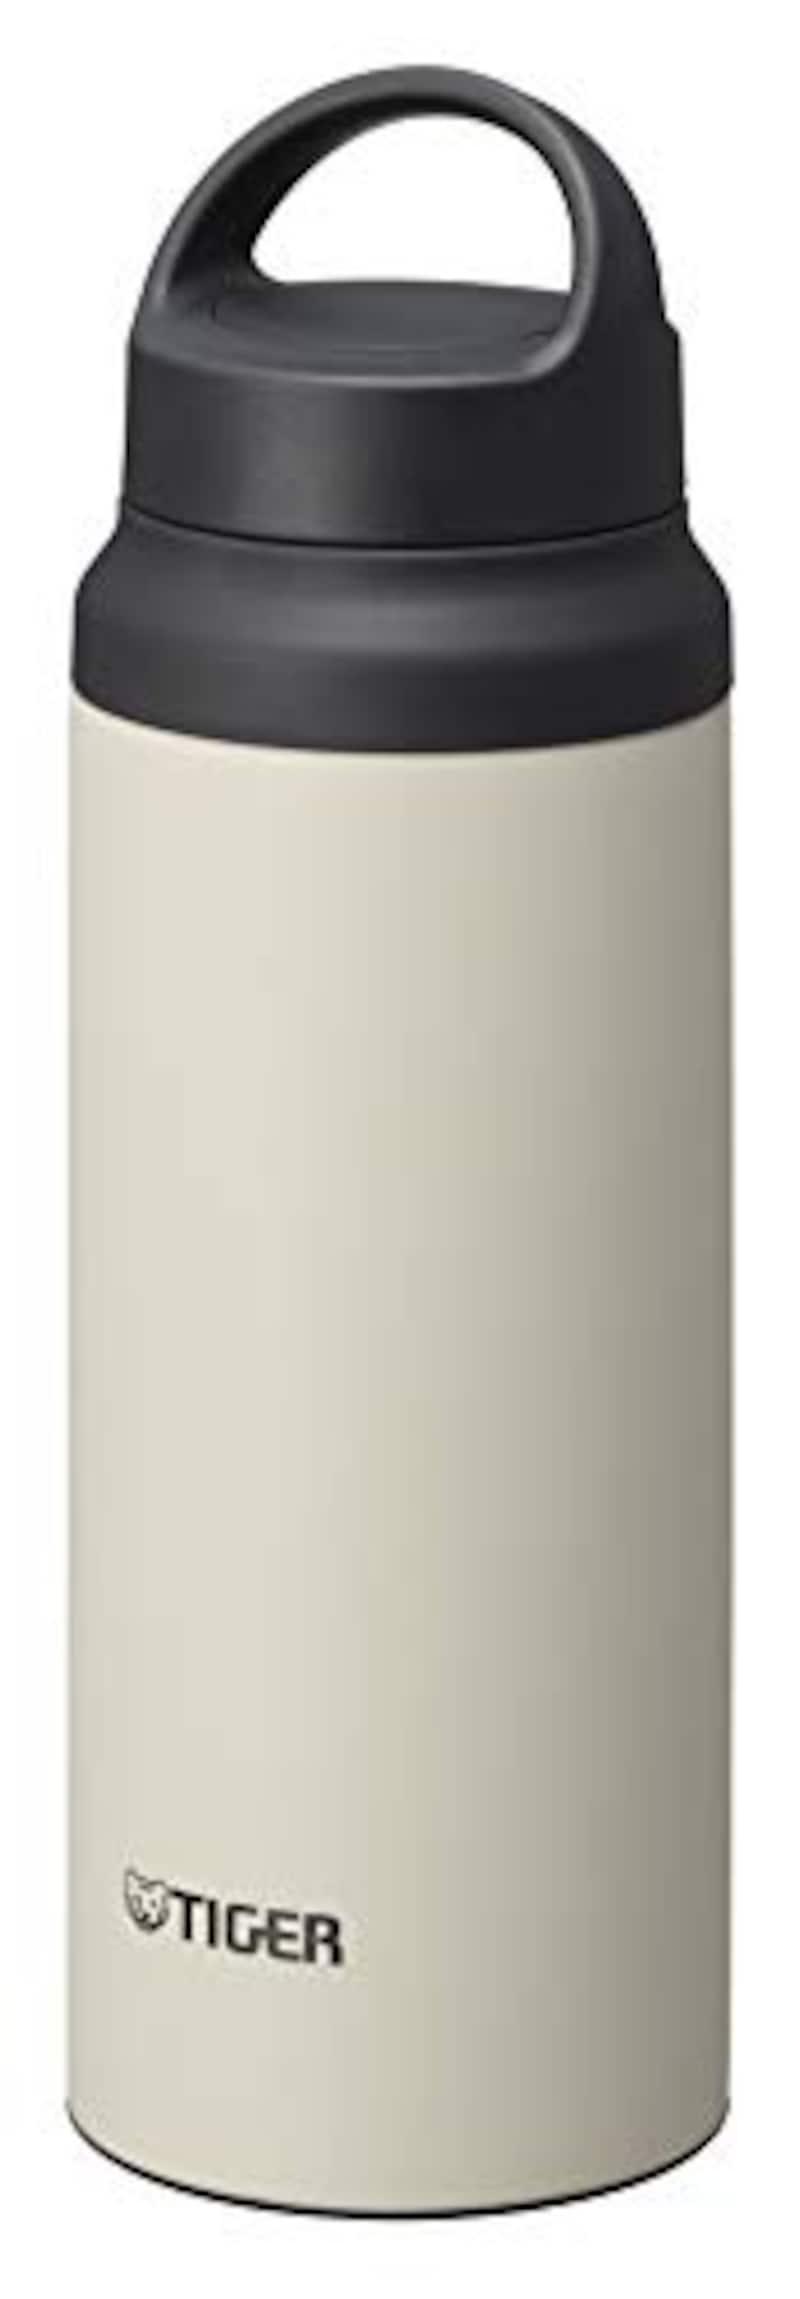 TIGER(タイガー魔法瓶),真空断熱ボトル,MCZ-S060